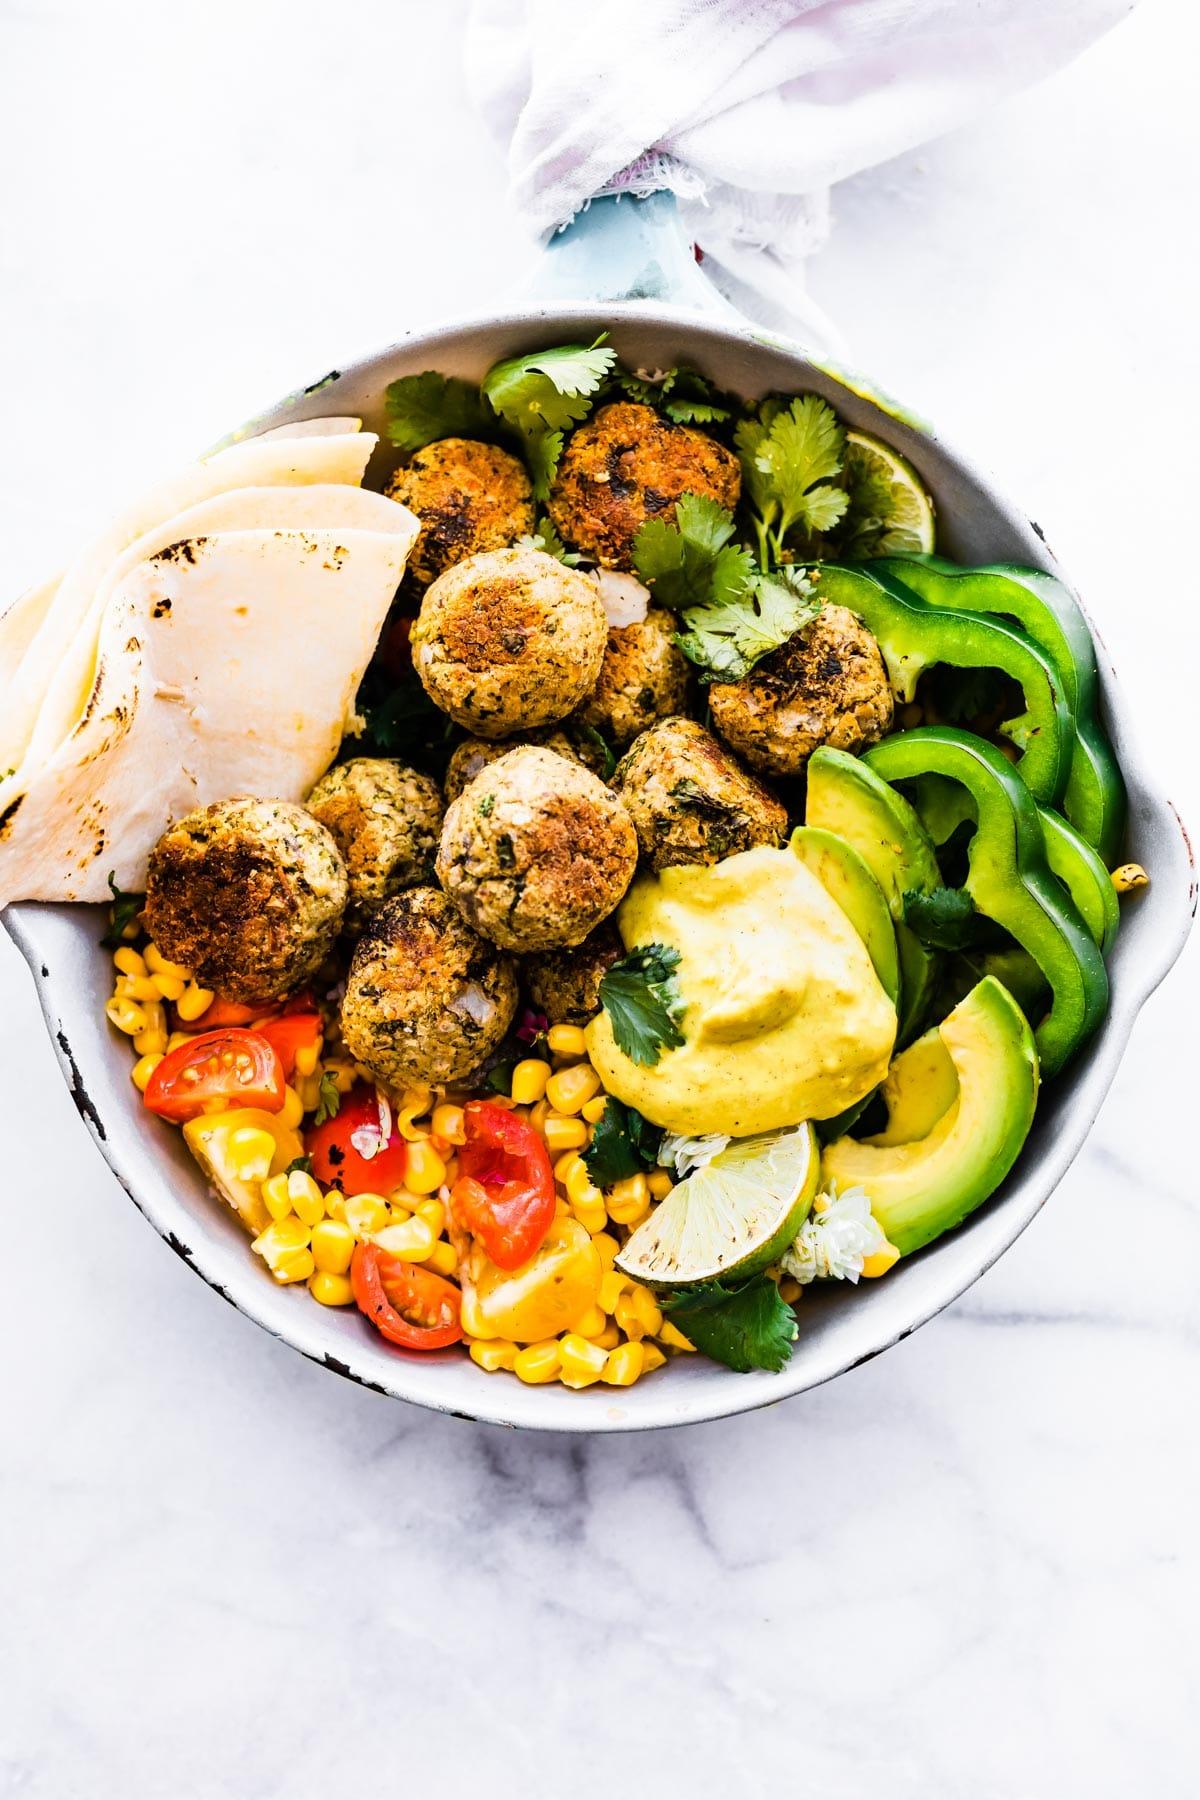 pan of falafel balls with veggies and sauce